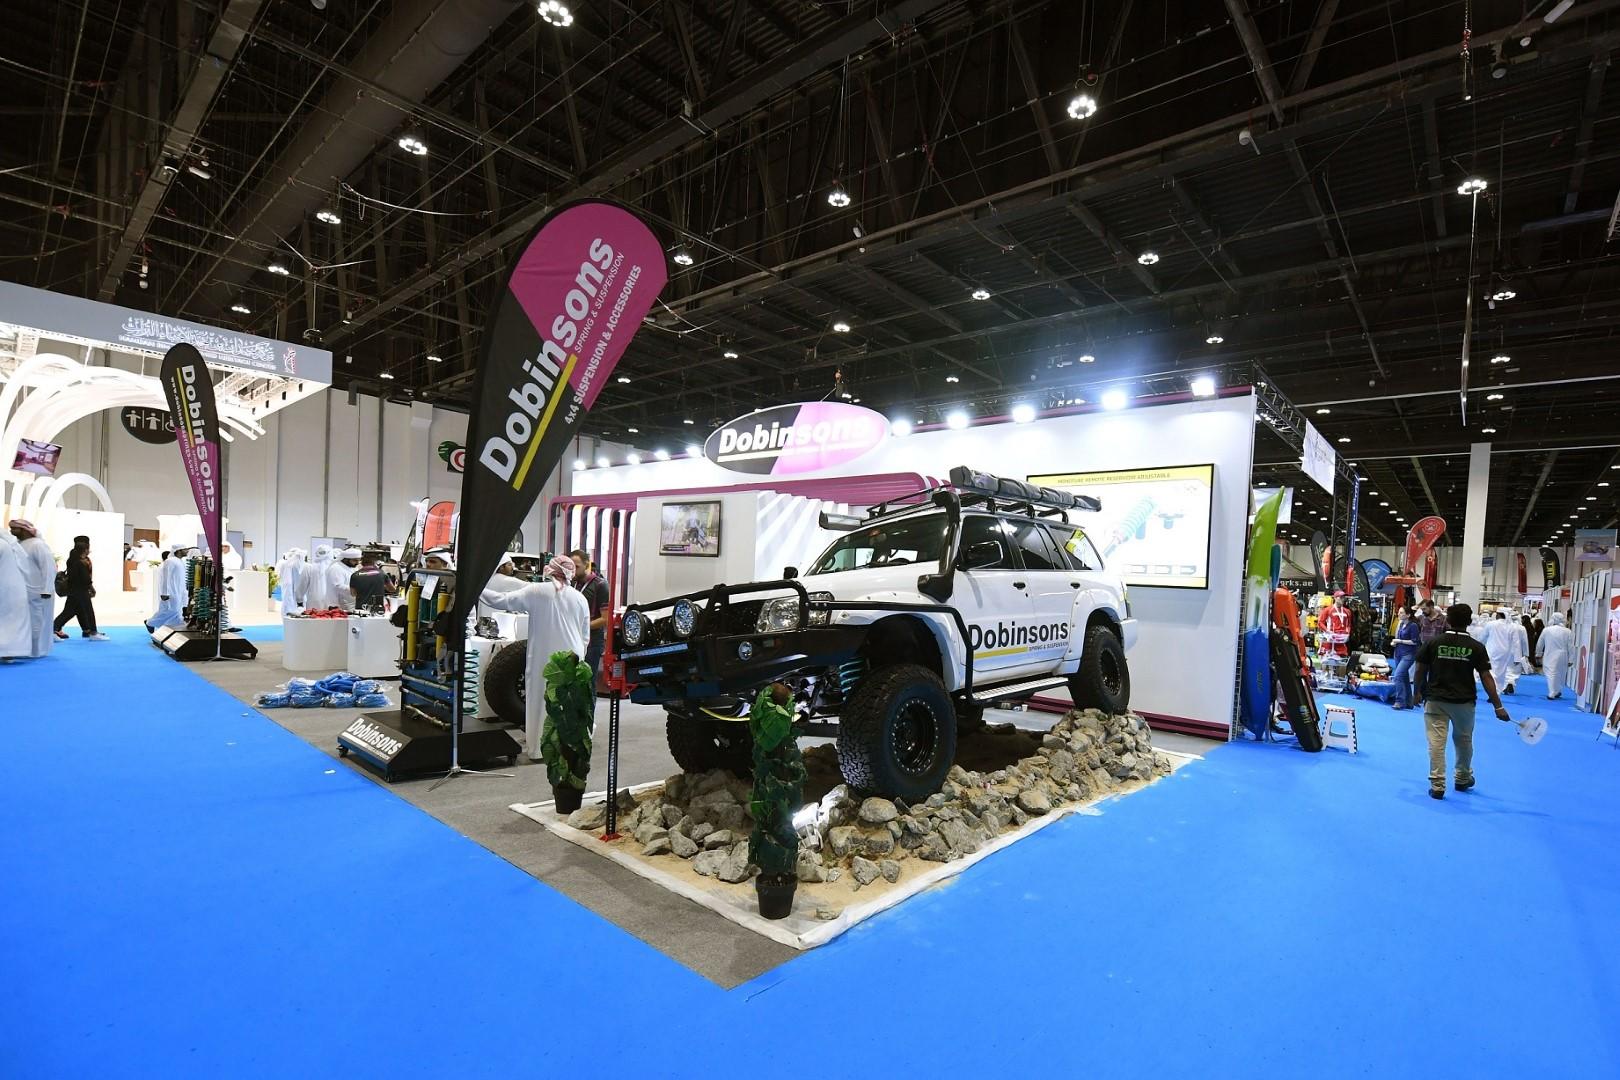 زيادة كبيرة في عدد الشركات الإماراتية بمعرض أبوظبيللصيد والفروسية